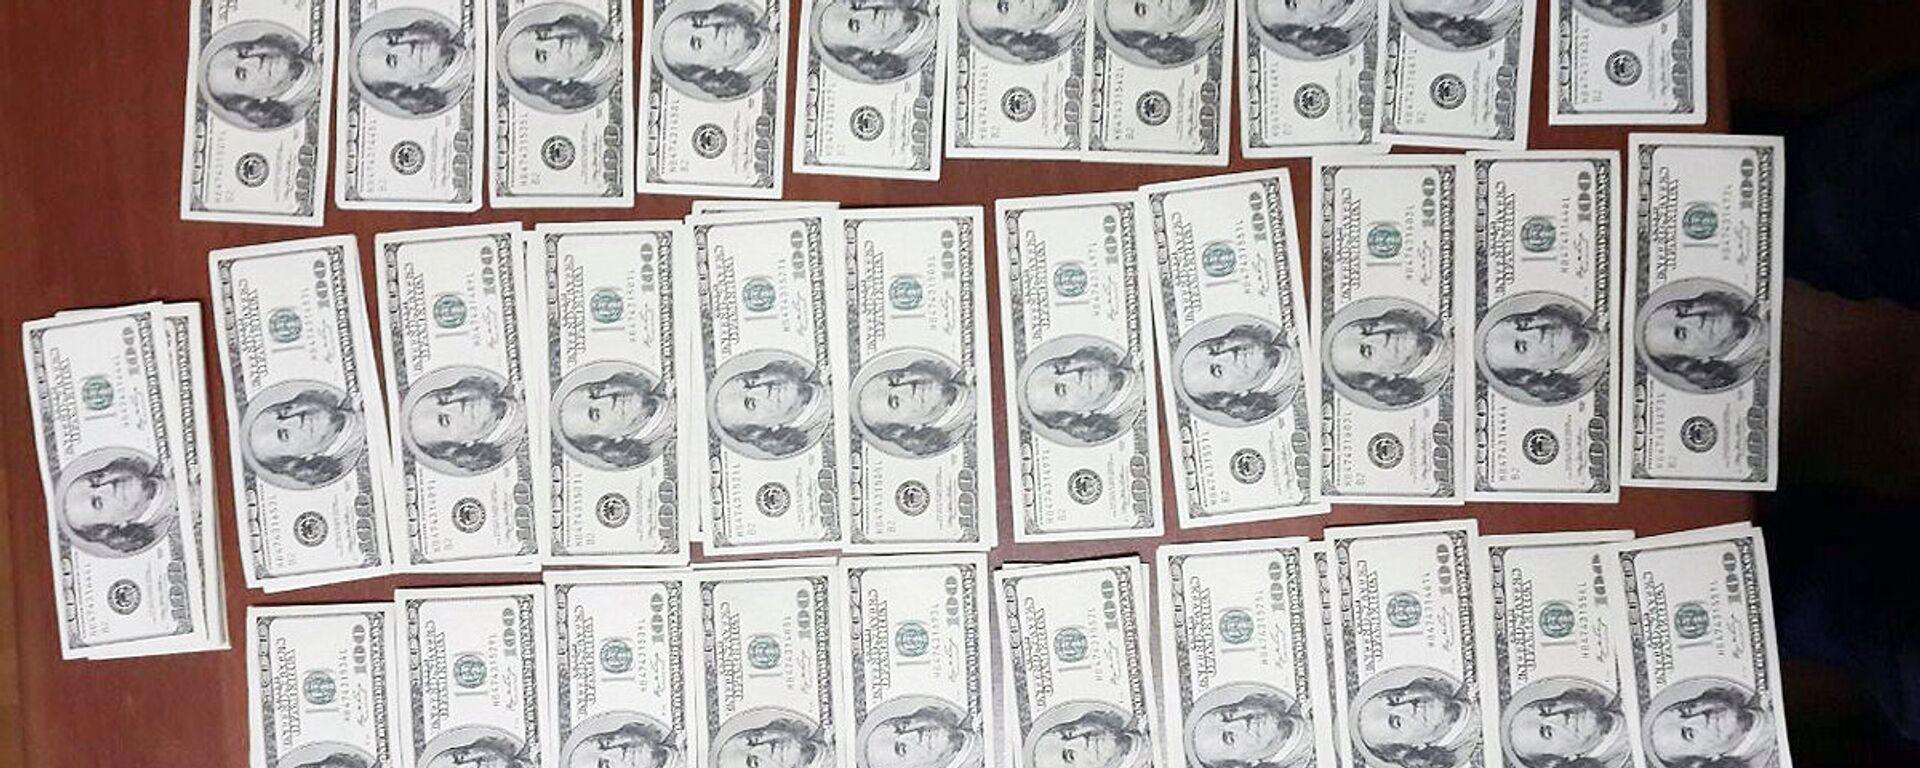 Фальшивые доллары - Sputnik Таджикистан, 1920, 19.04.2021